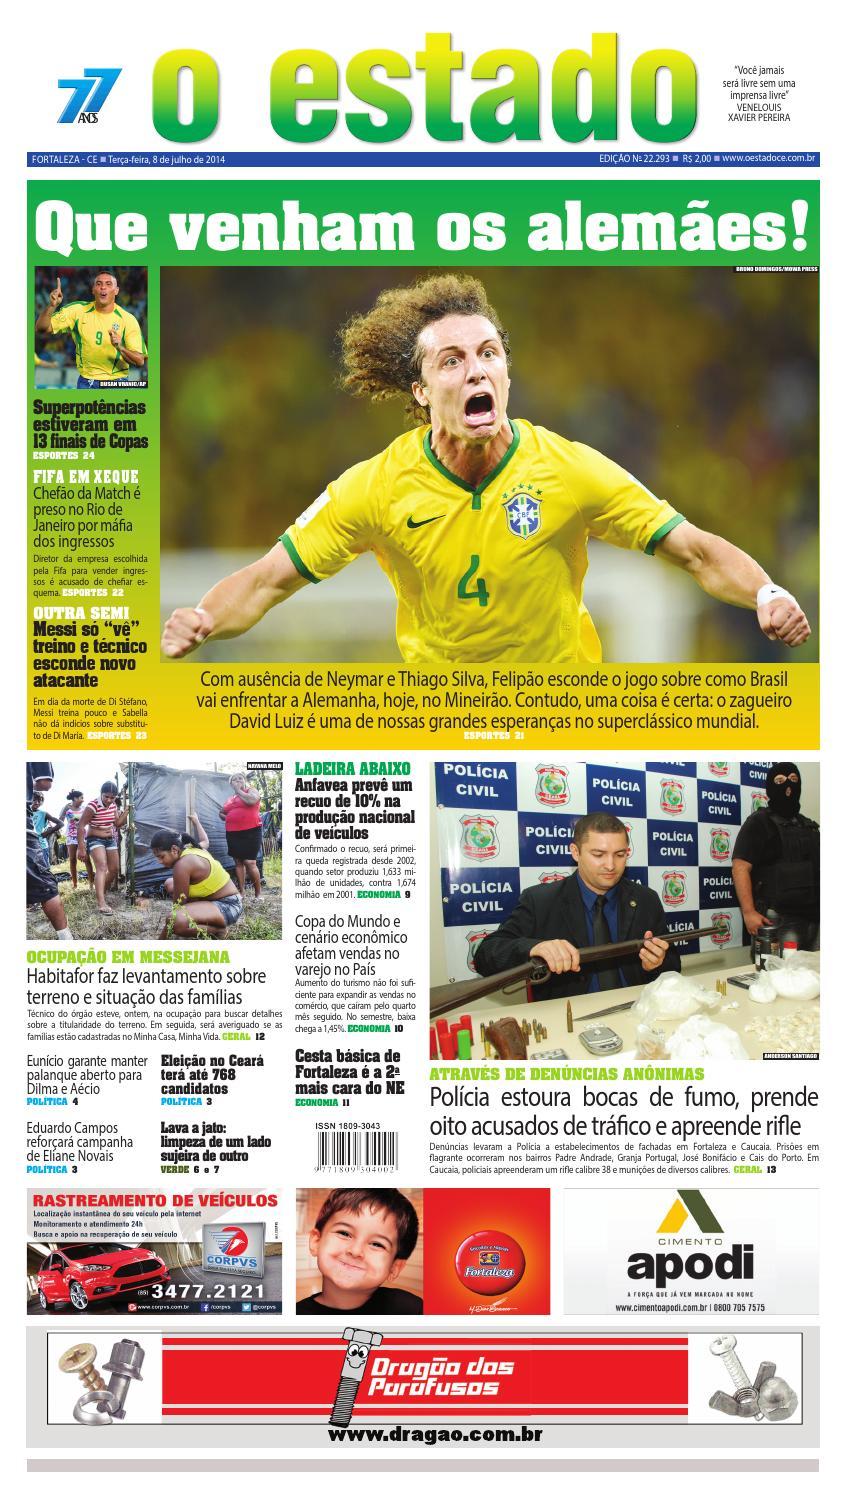 9c6e962a20 Edição 22293 - 08 de julho de 2014 by Jornal O Estado (Ceará) - issuu